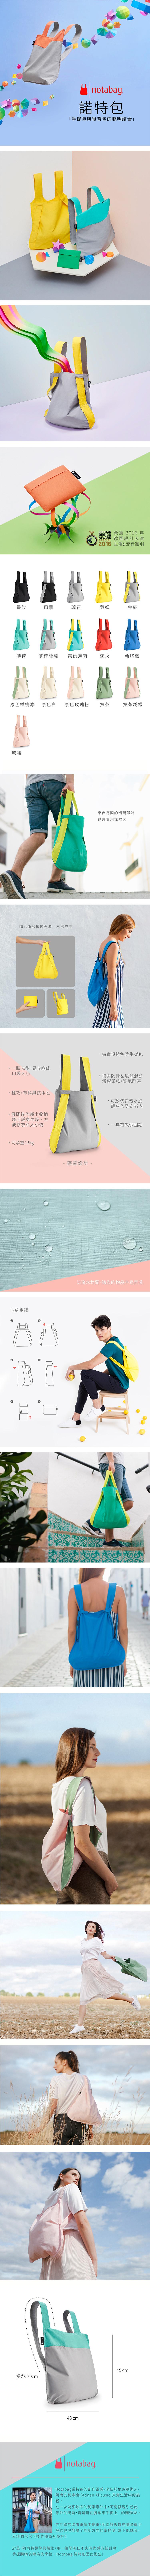 กระเป๋า Notabag - ซากุระสีชมพู